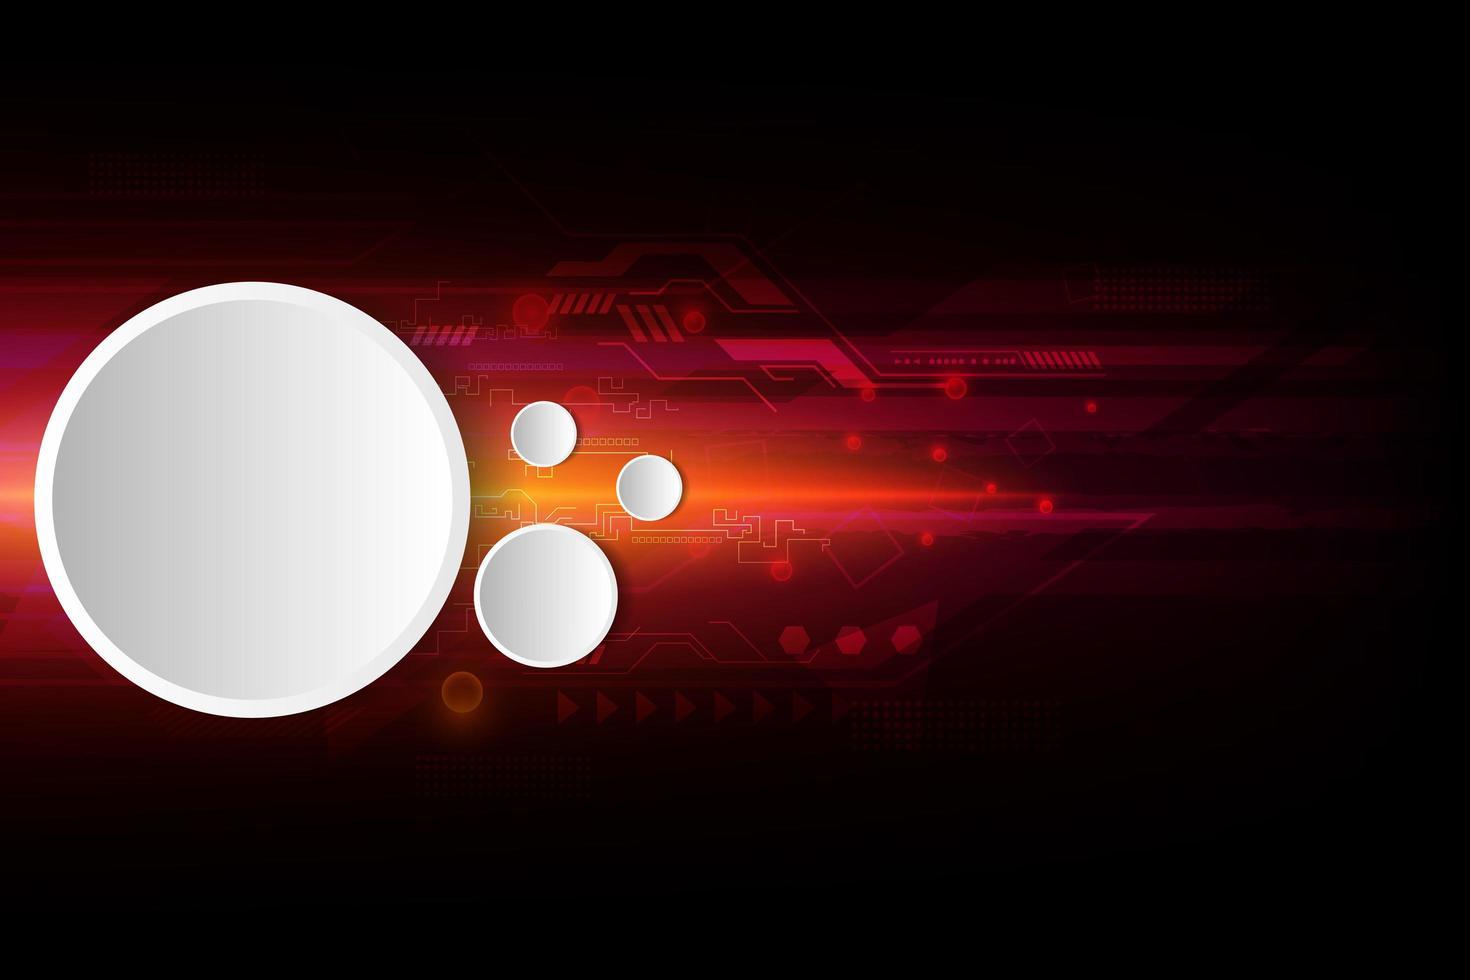 conception de la future technologie numérique rouge avec des cadres blancs vecteur